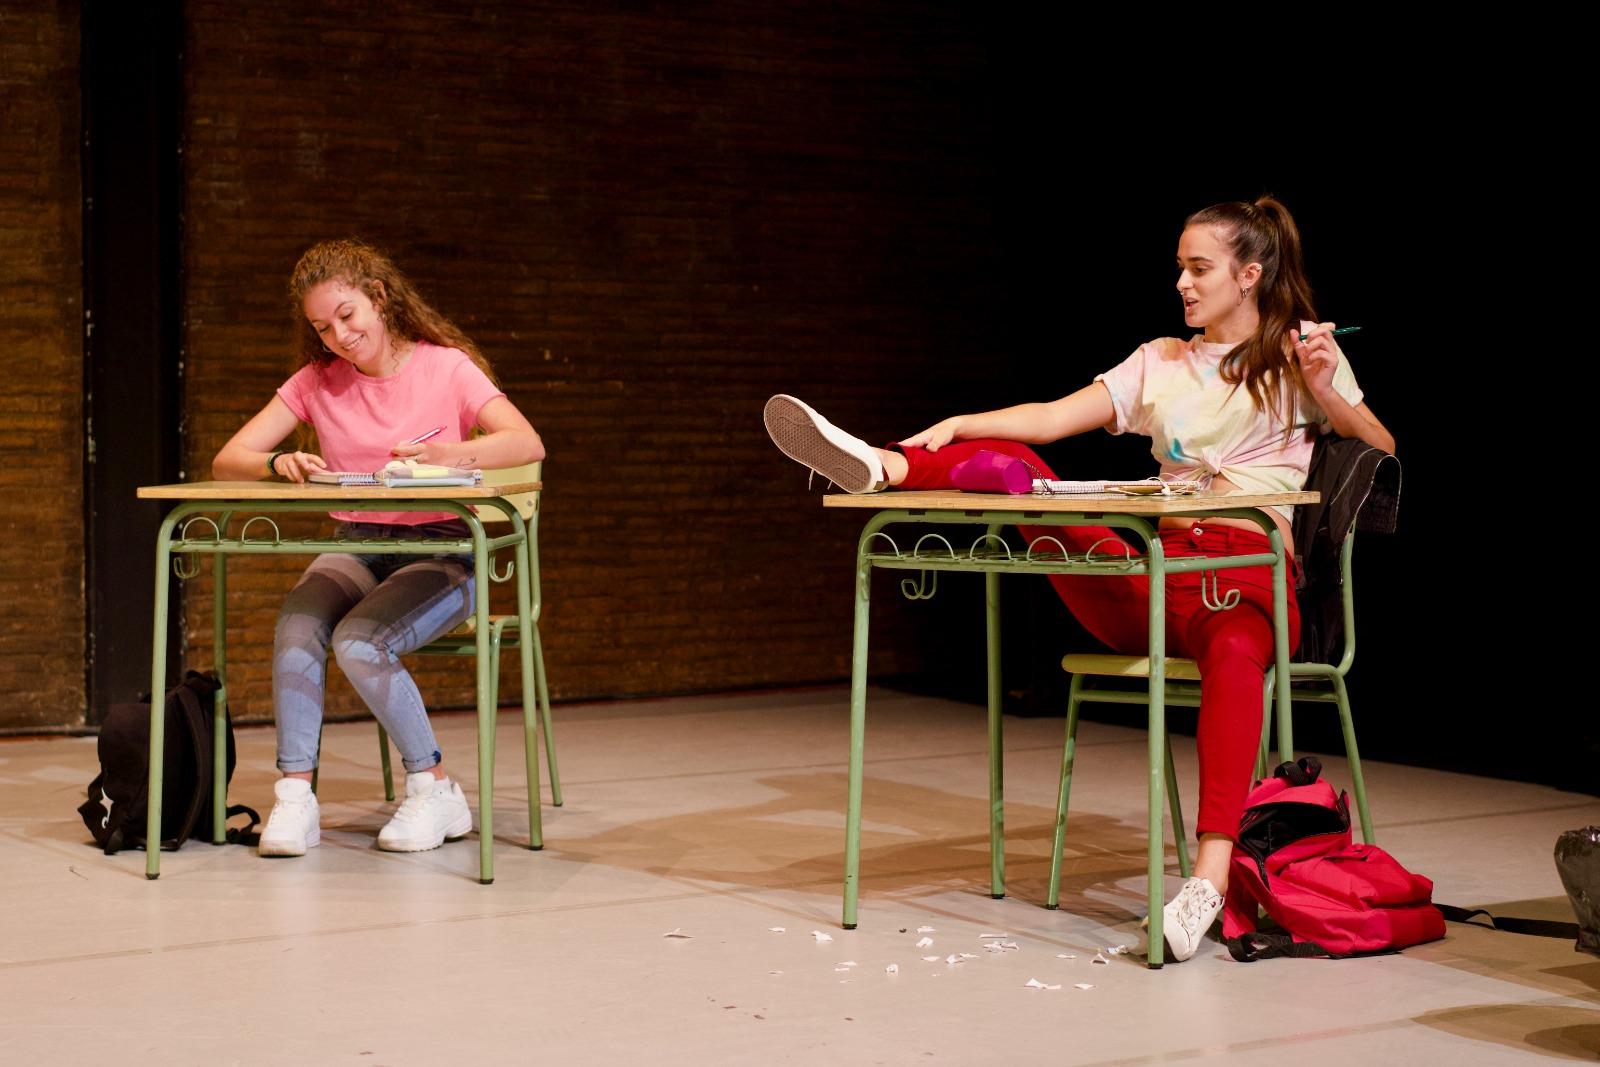 Paula Albert debuta al Teatre Micalet amb 'El Moviment' El Periòdic d'Ontinyent - Noticies a Ontinyent